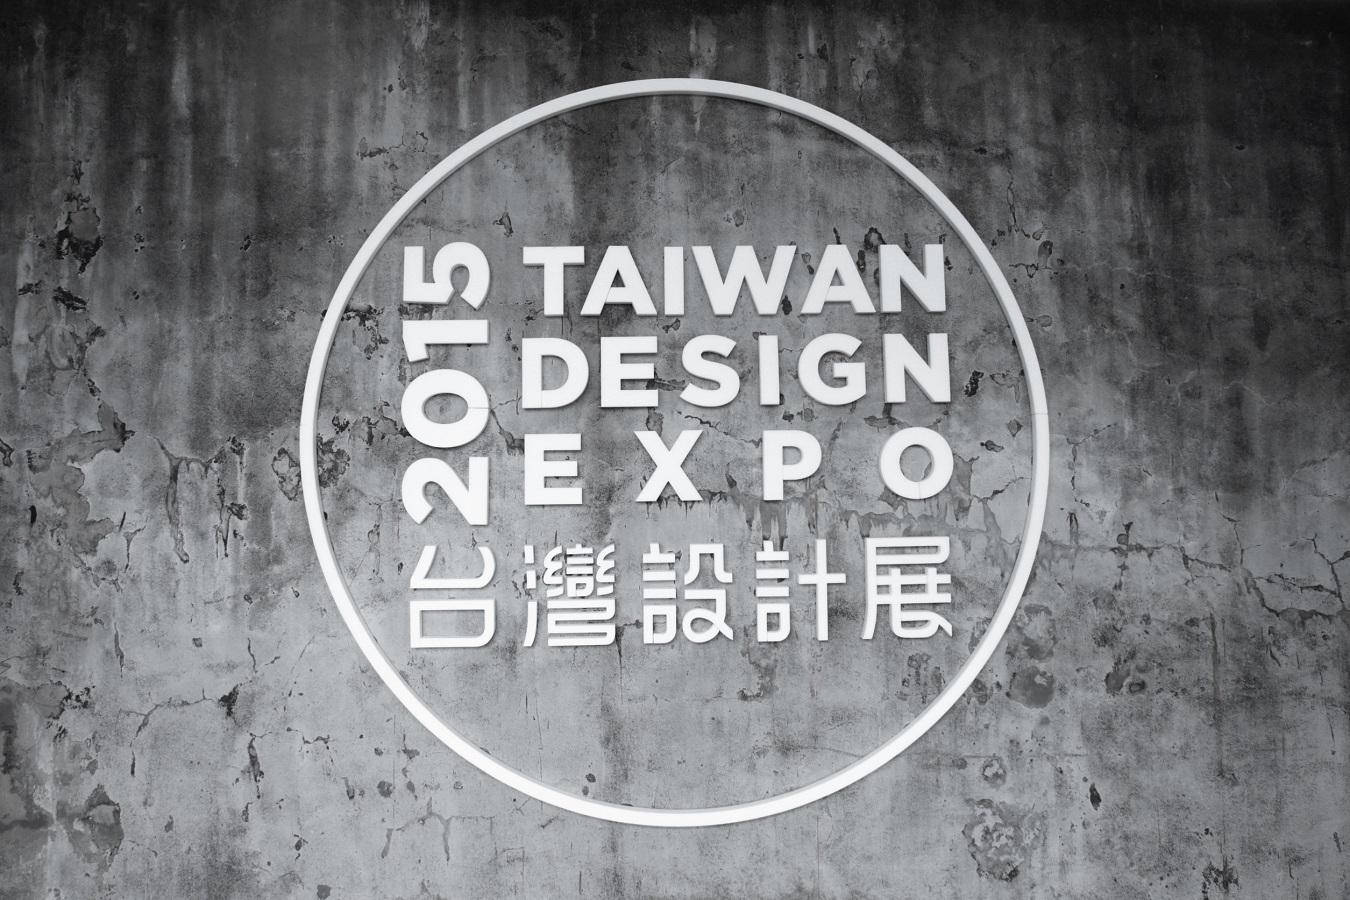 徵求各縣市政府共同主辦「2019台灣設計展」徵展辦法公告